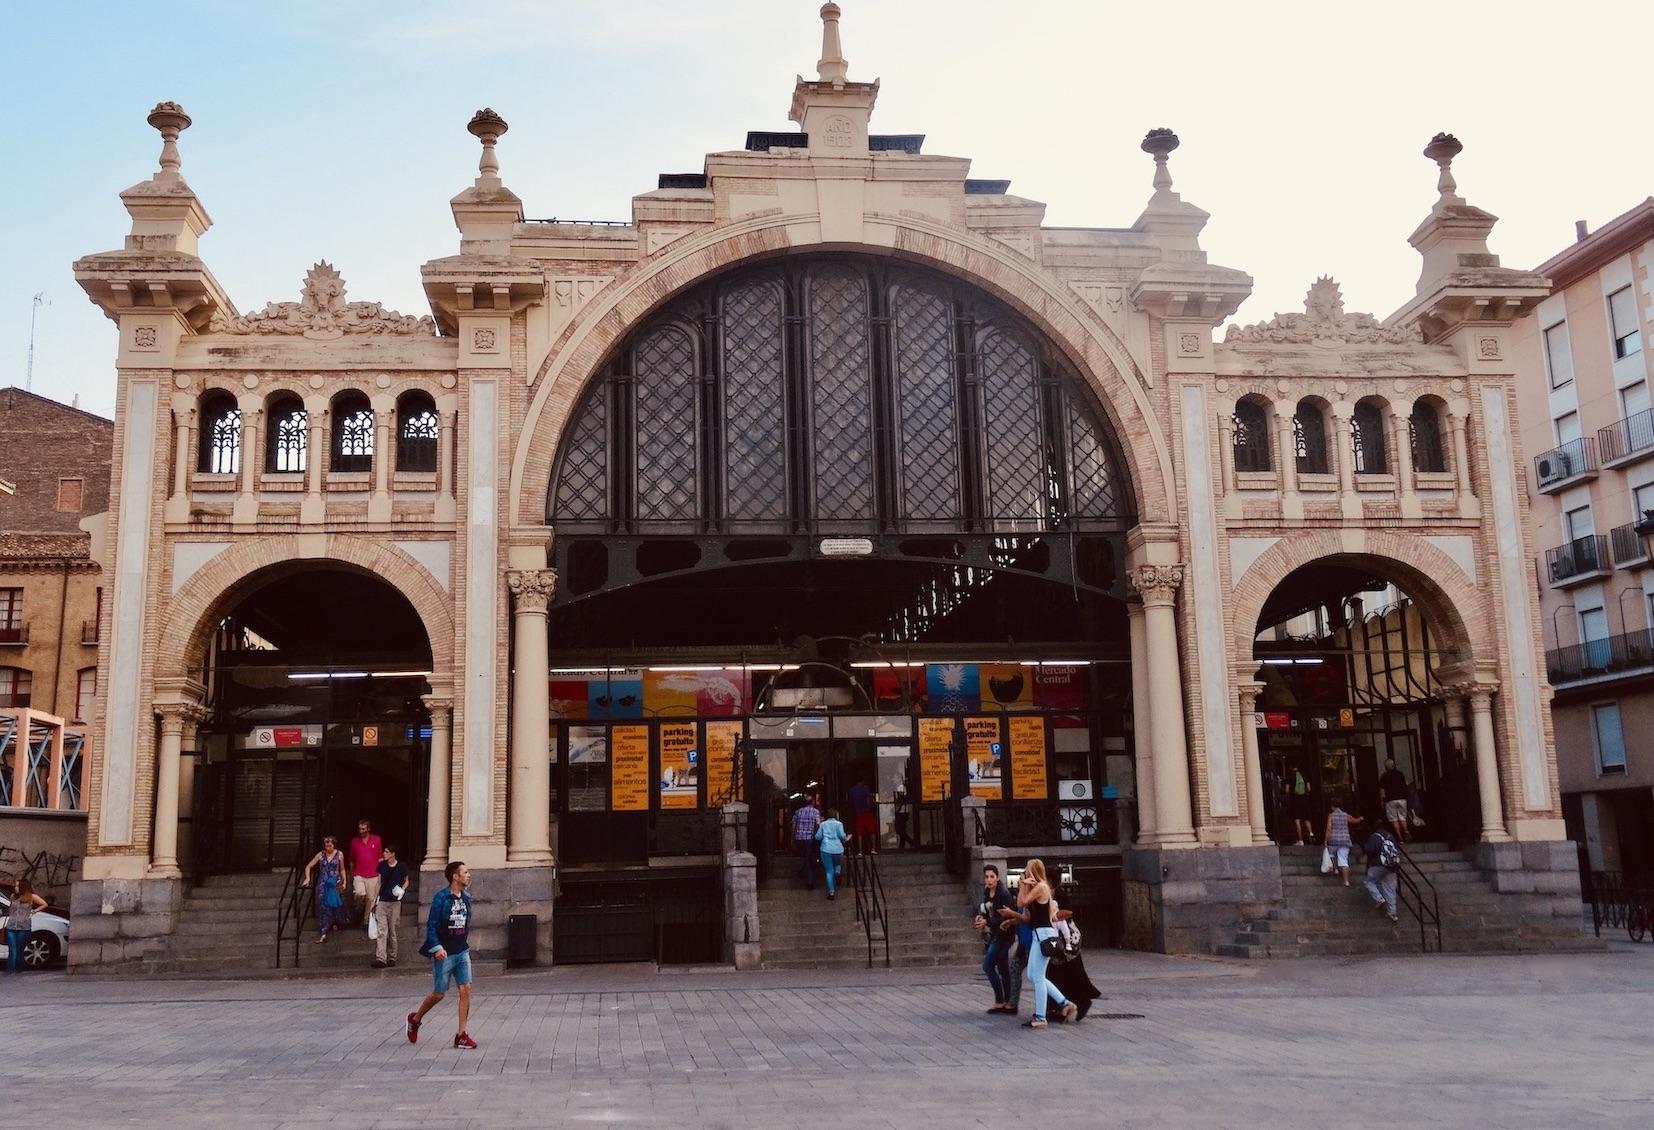 Central Market Zaragoza Spain.